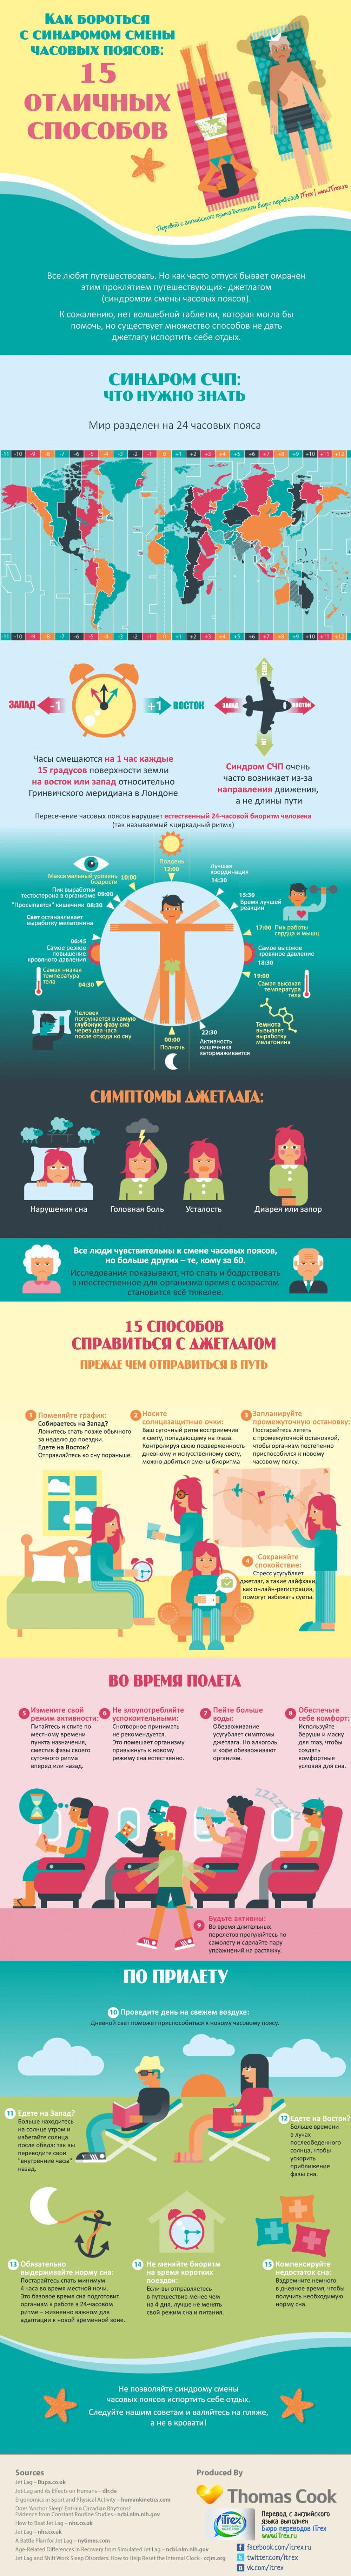 Перевод сделан в Бюро переводов iTrex, Москва: Как бороться с синдромом смены часовых поясов: 15 отличных способов